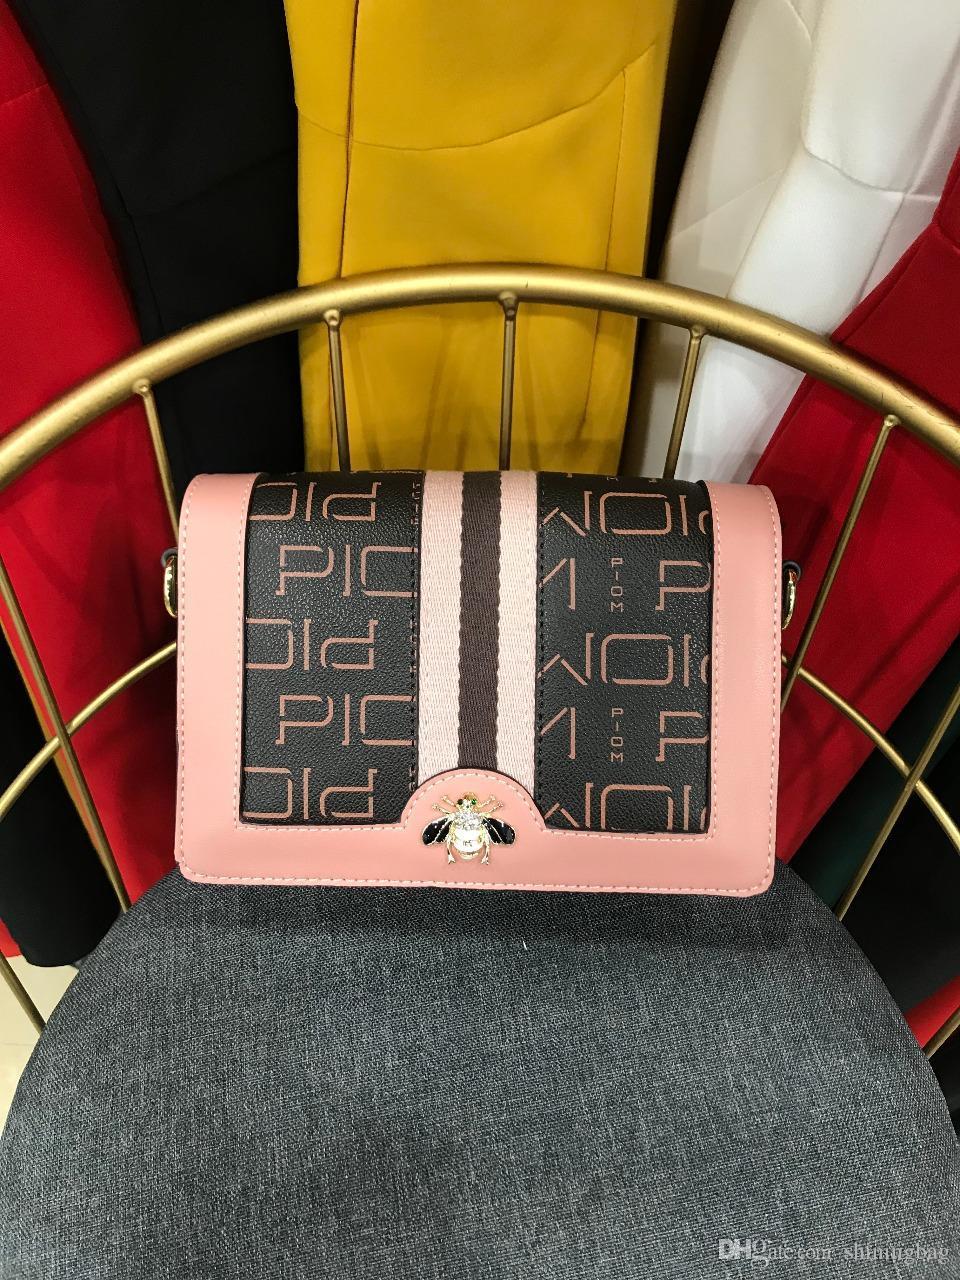 Высокое качество мешок диких диагональные плечо сумки женские сумки новый высокого качества мешок естественный ветер дамы мешок подарок L9033